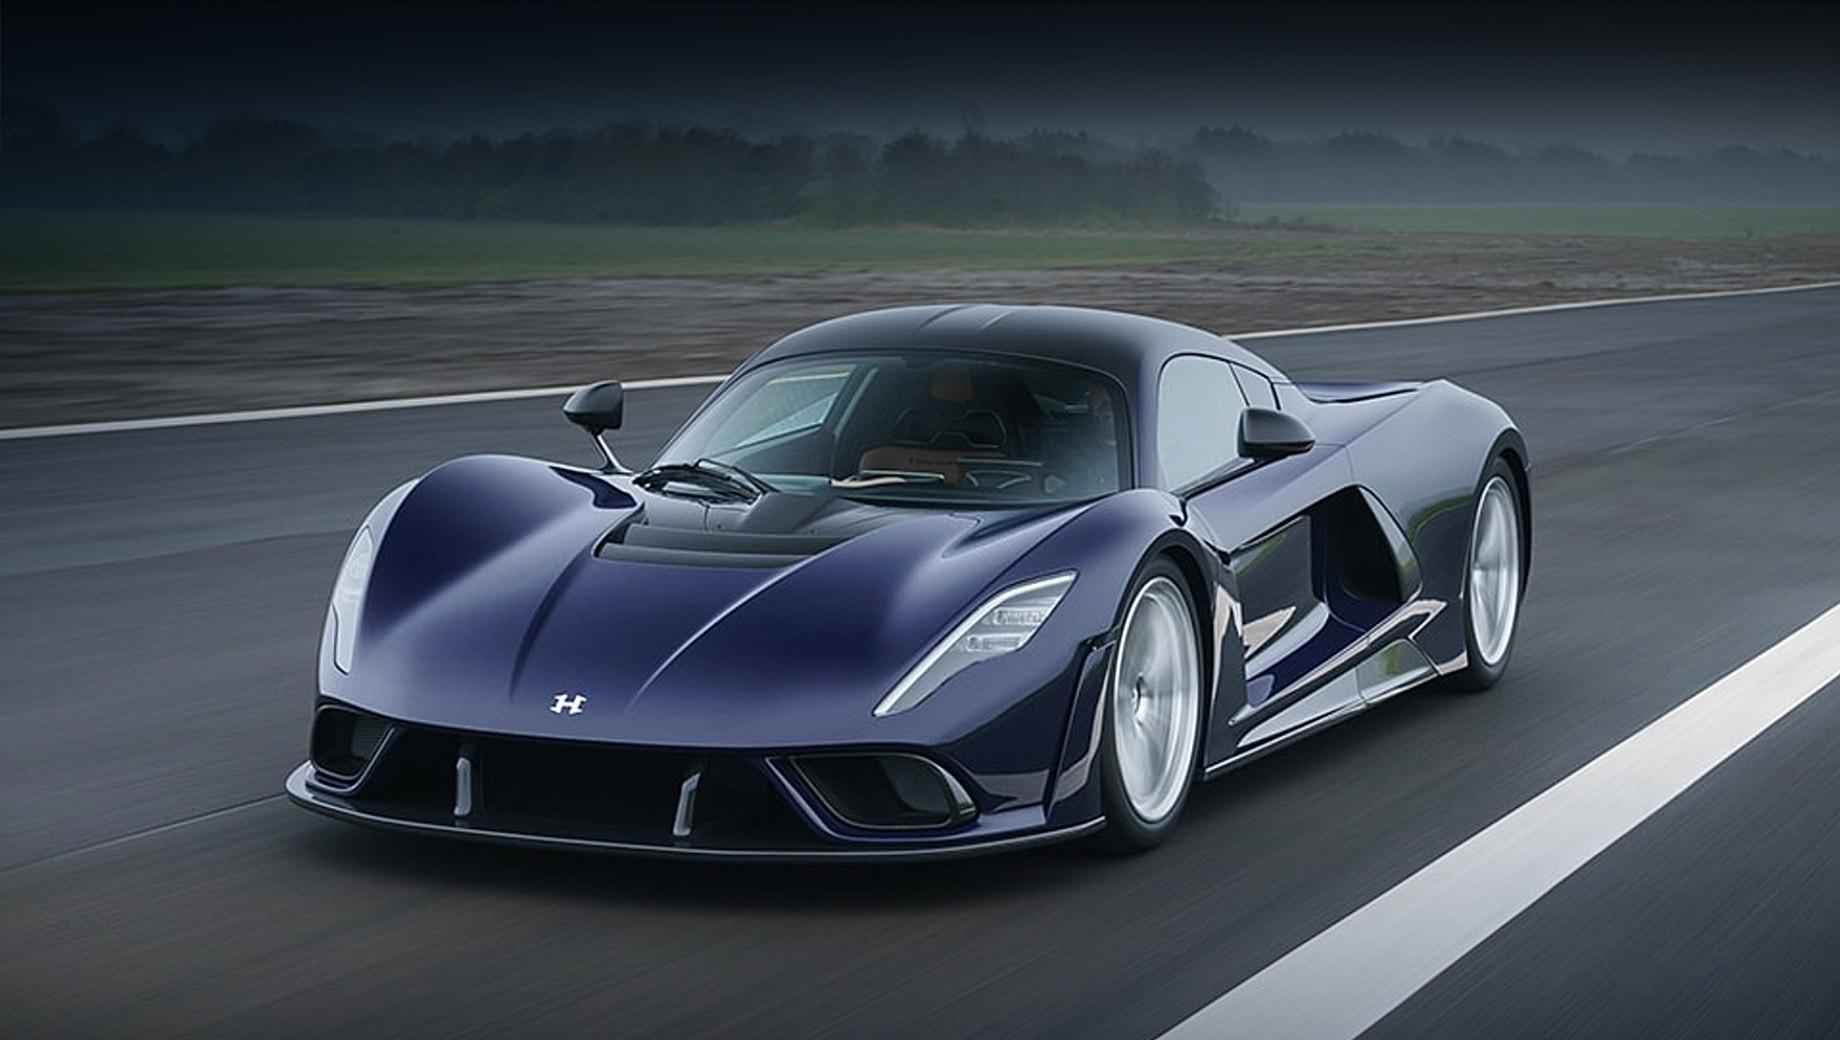 Купе Hennessey Venom F5 раскрылось в серийном обличье